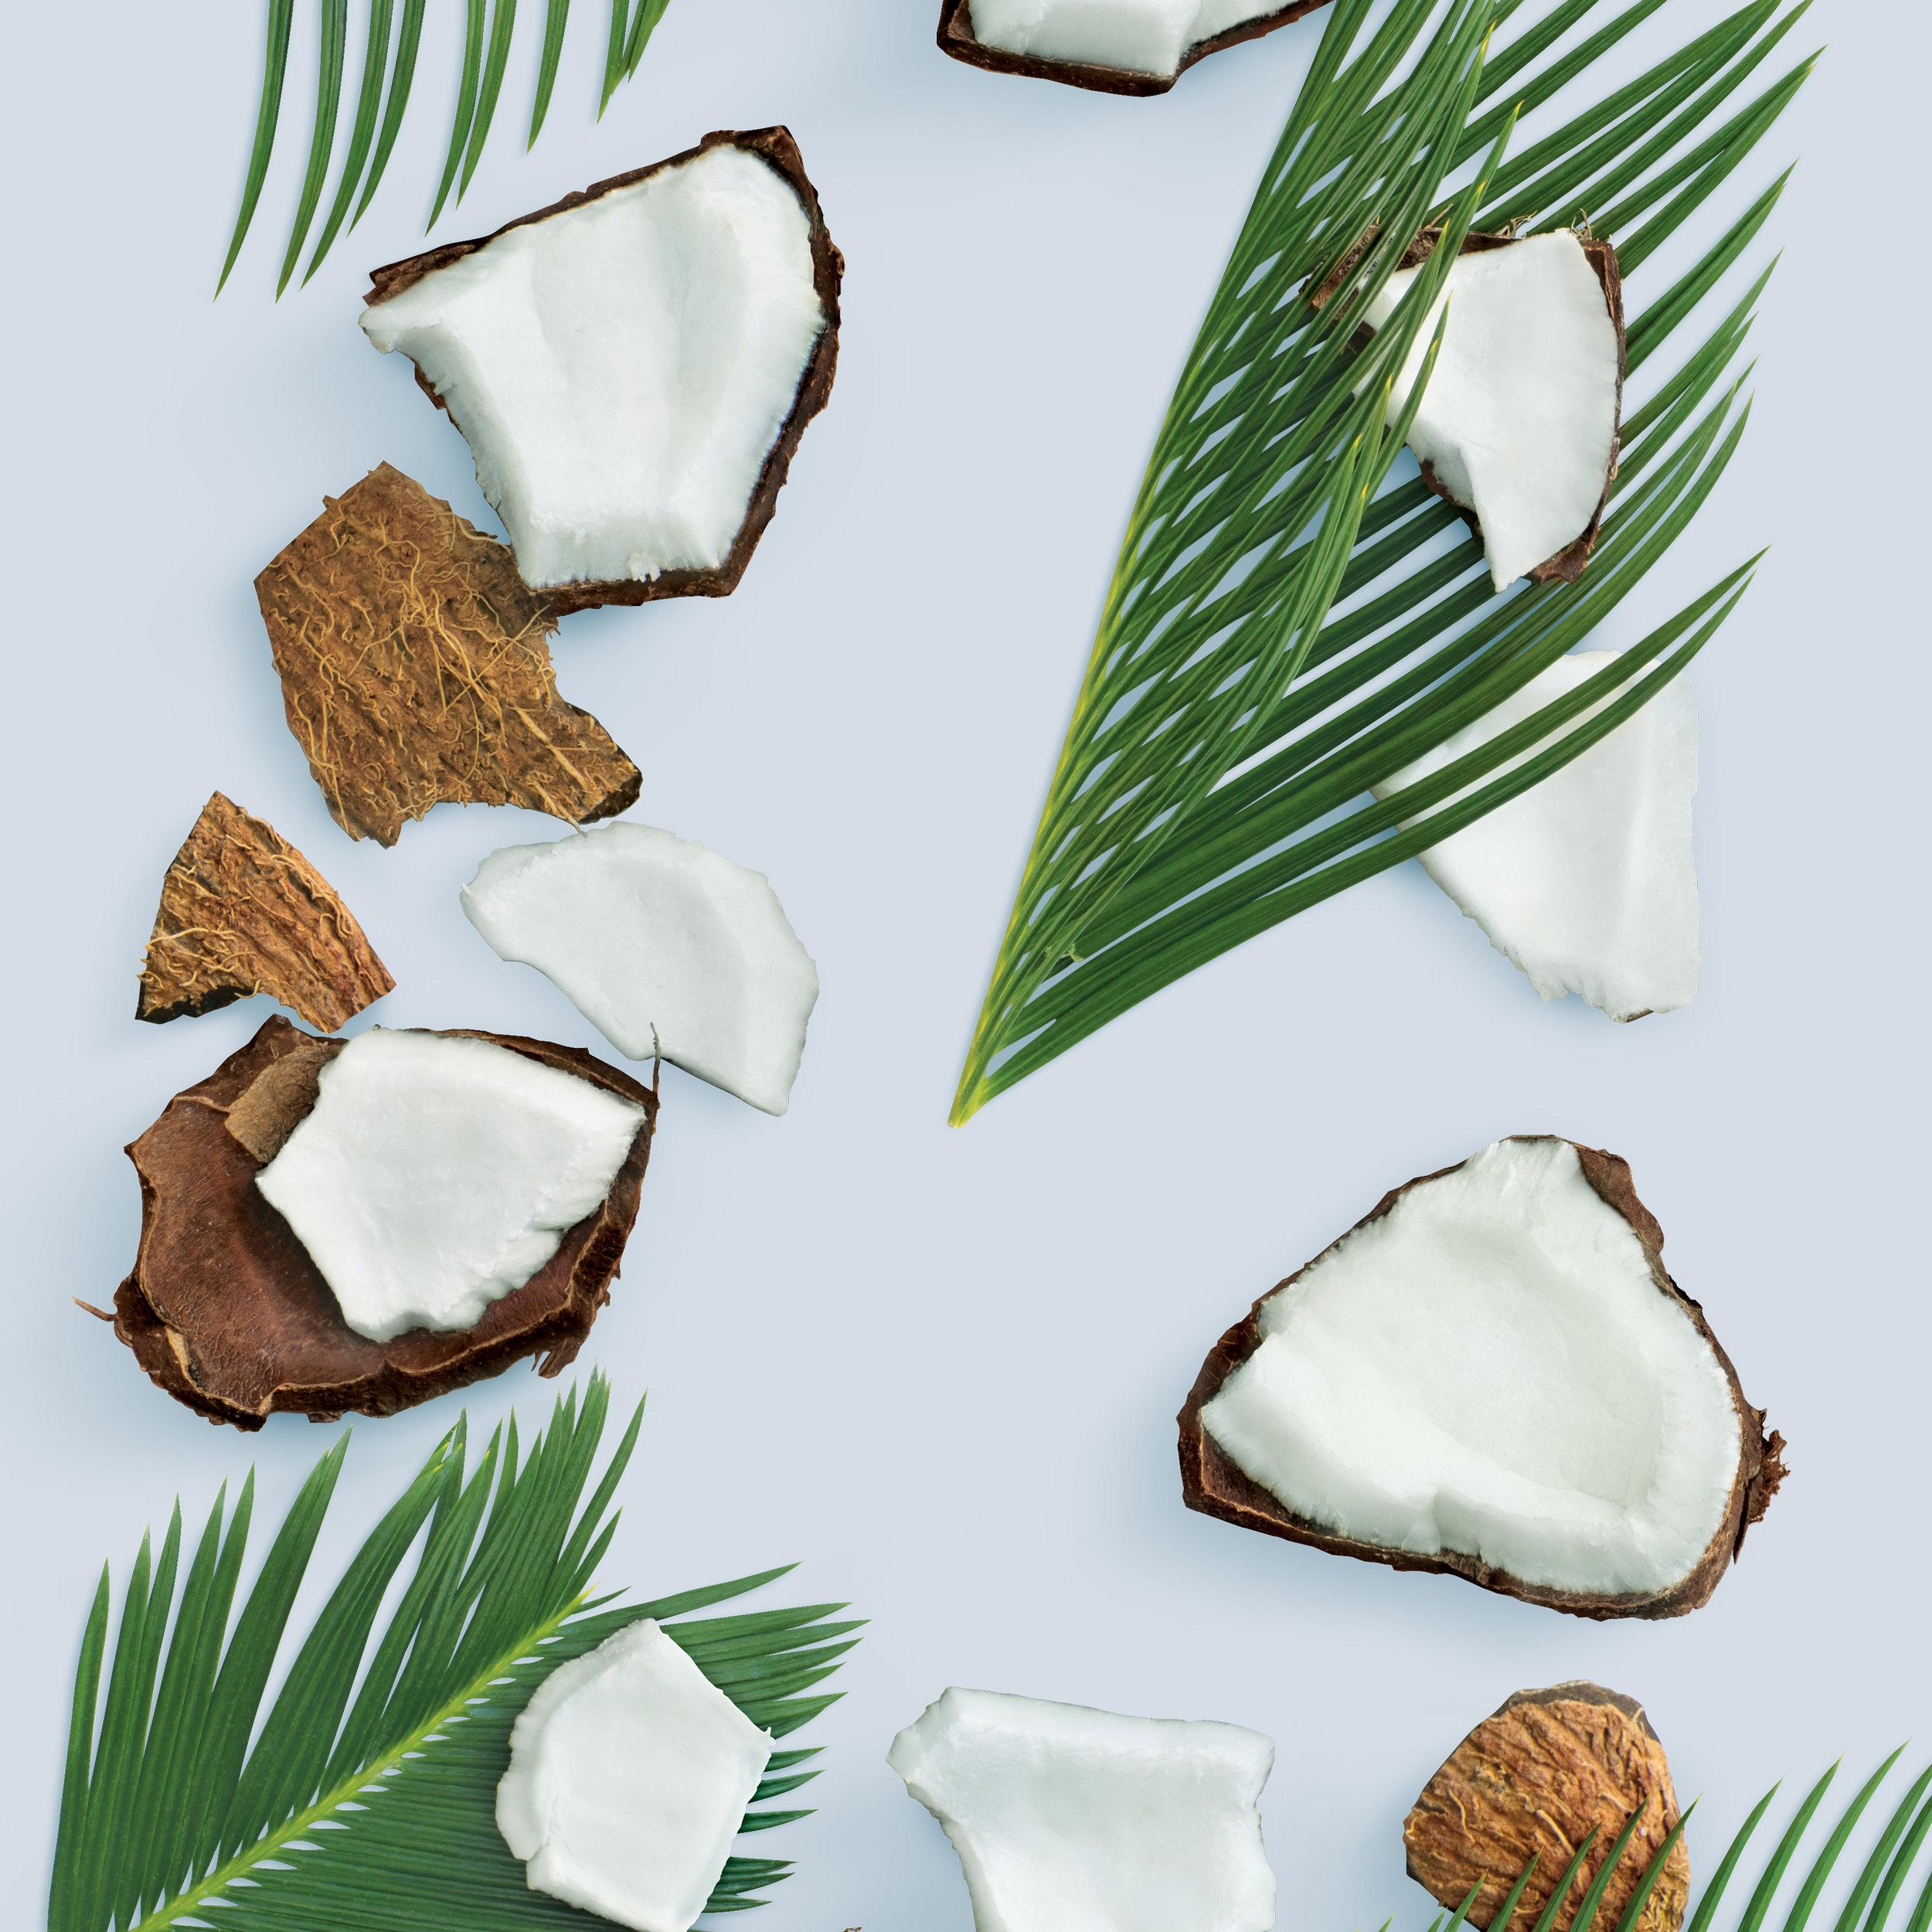 coconut ingred.jpg